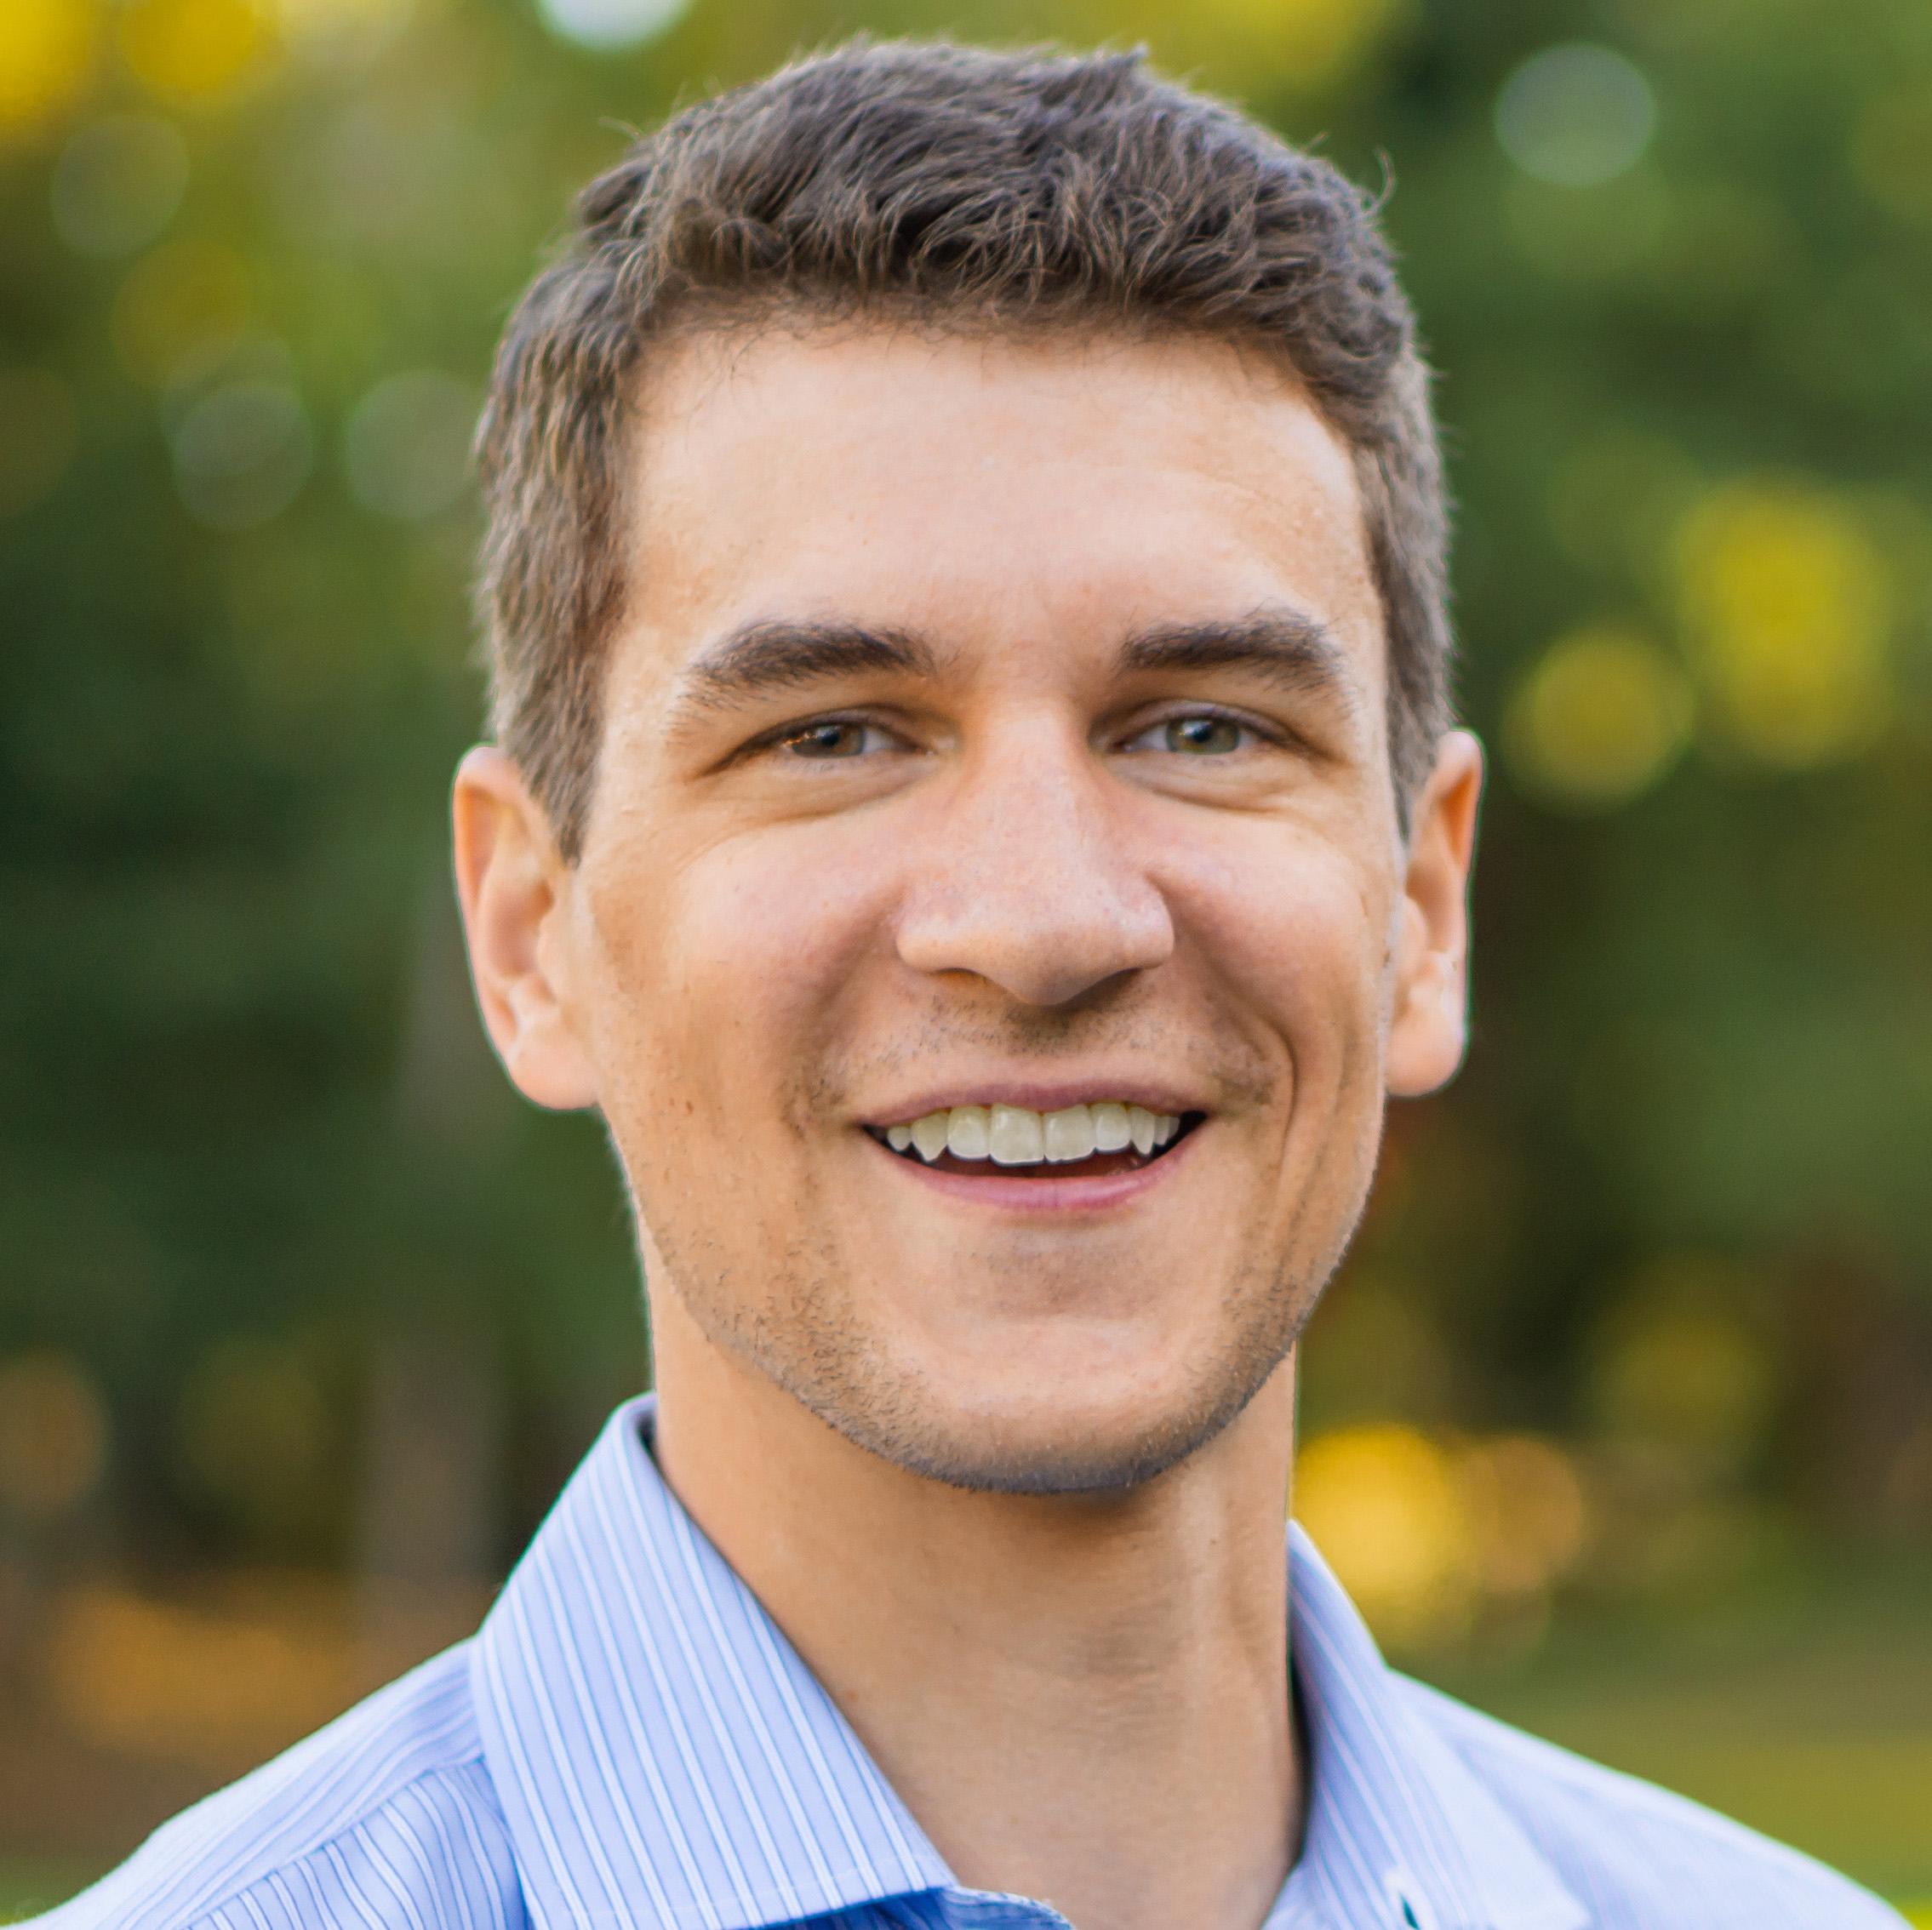 A photo of Alex Sharenko